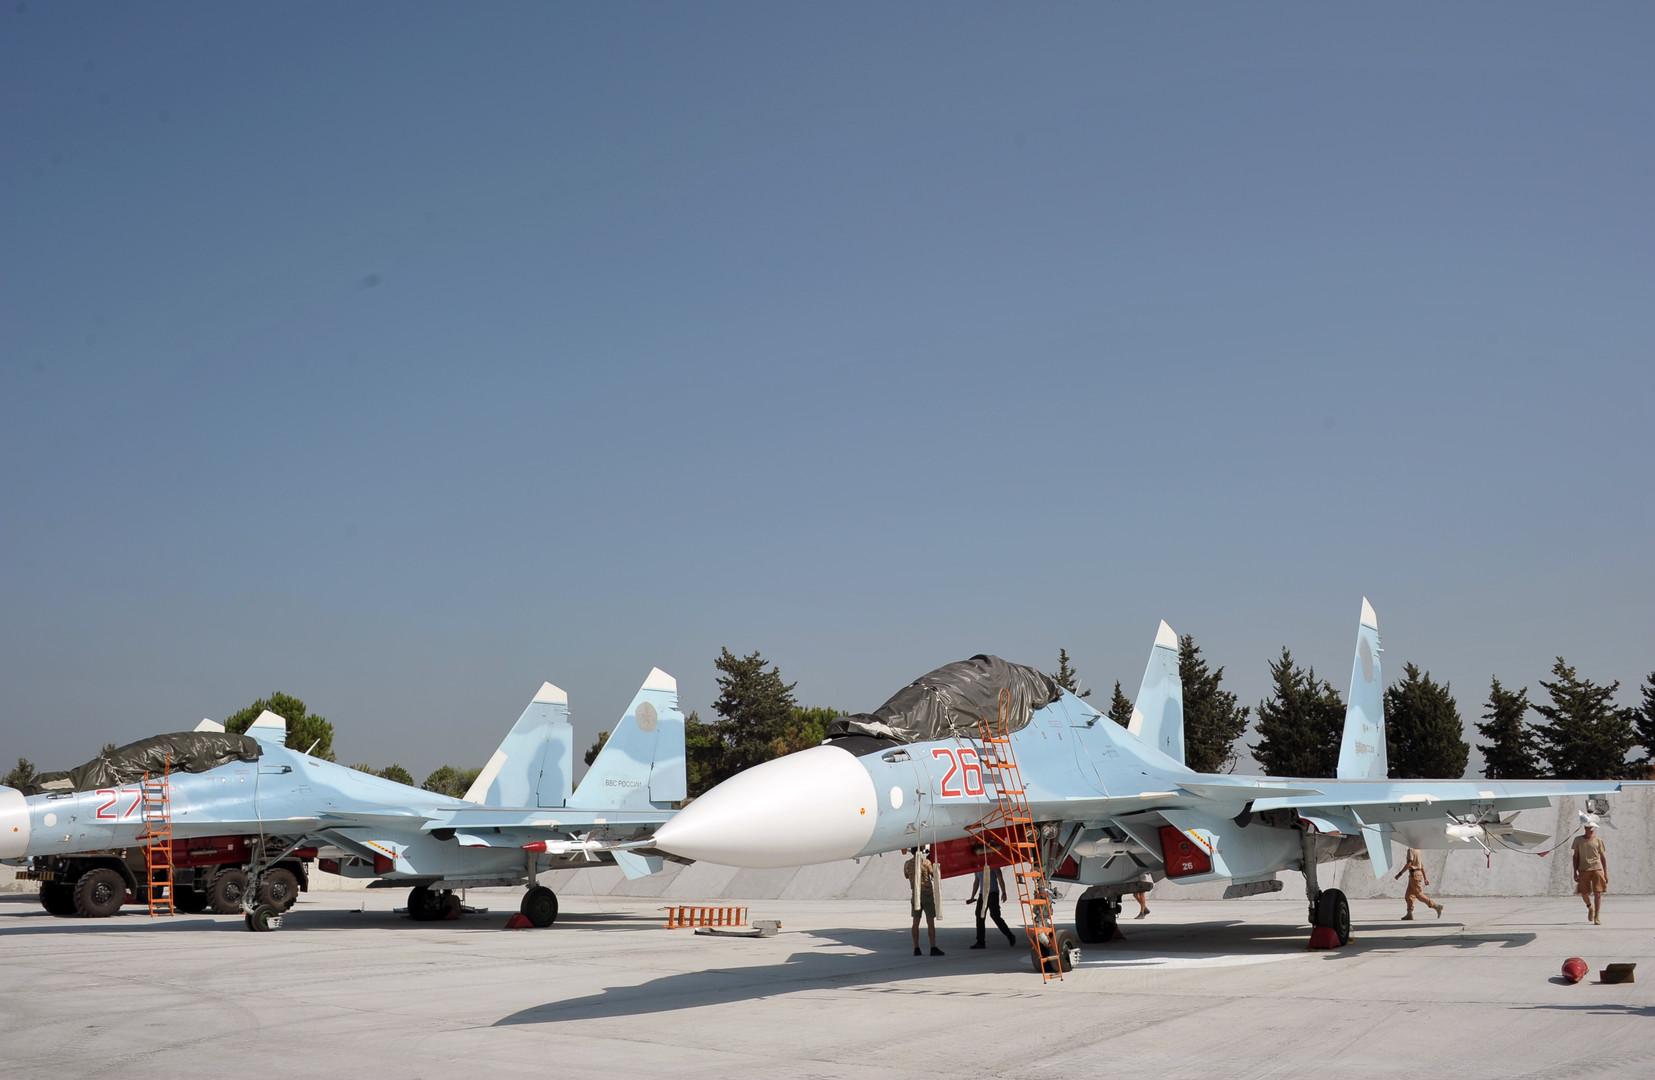 Zwei Kampfflugzeuge vom Typ Su-30, die in der russischen Luftwaffenbasis im syrischen Hmeimim für eine Mission gewartet werden.